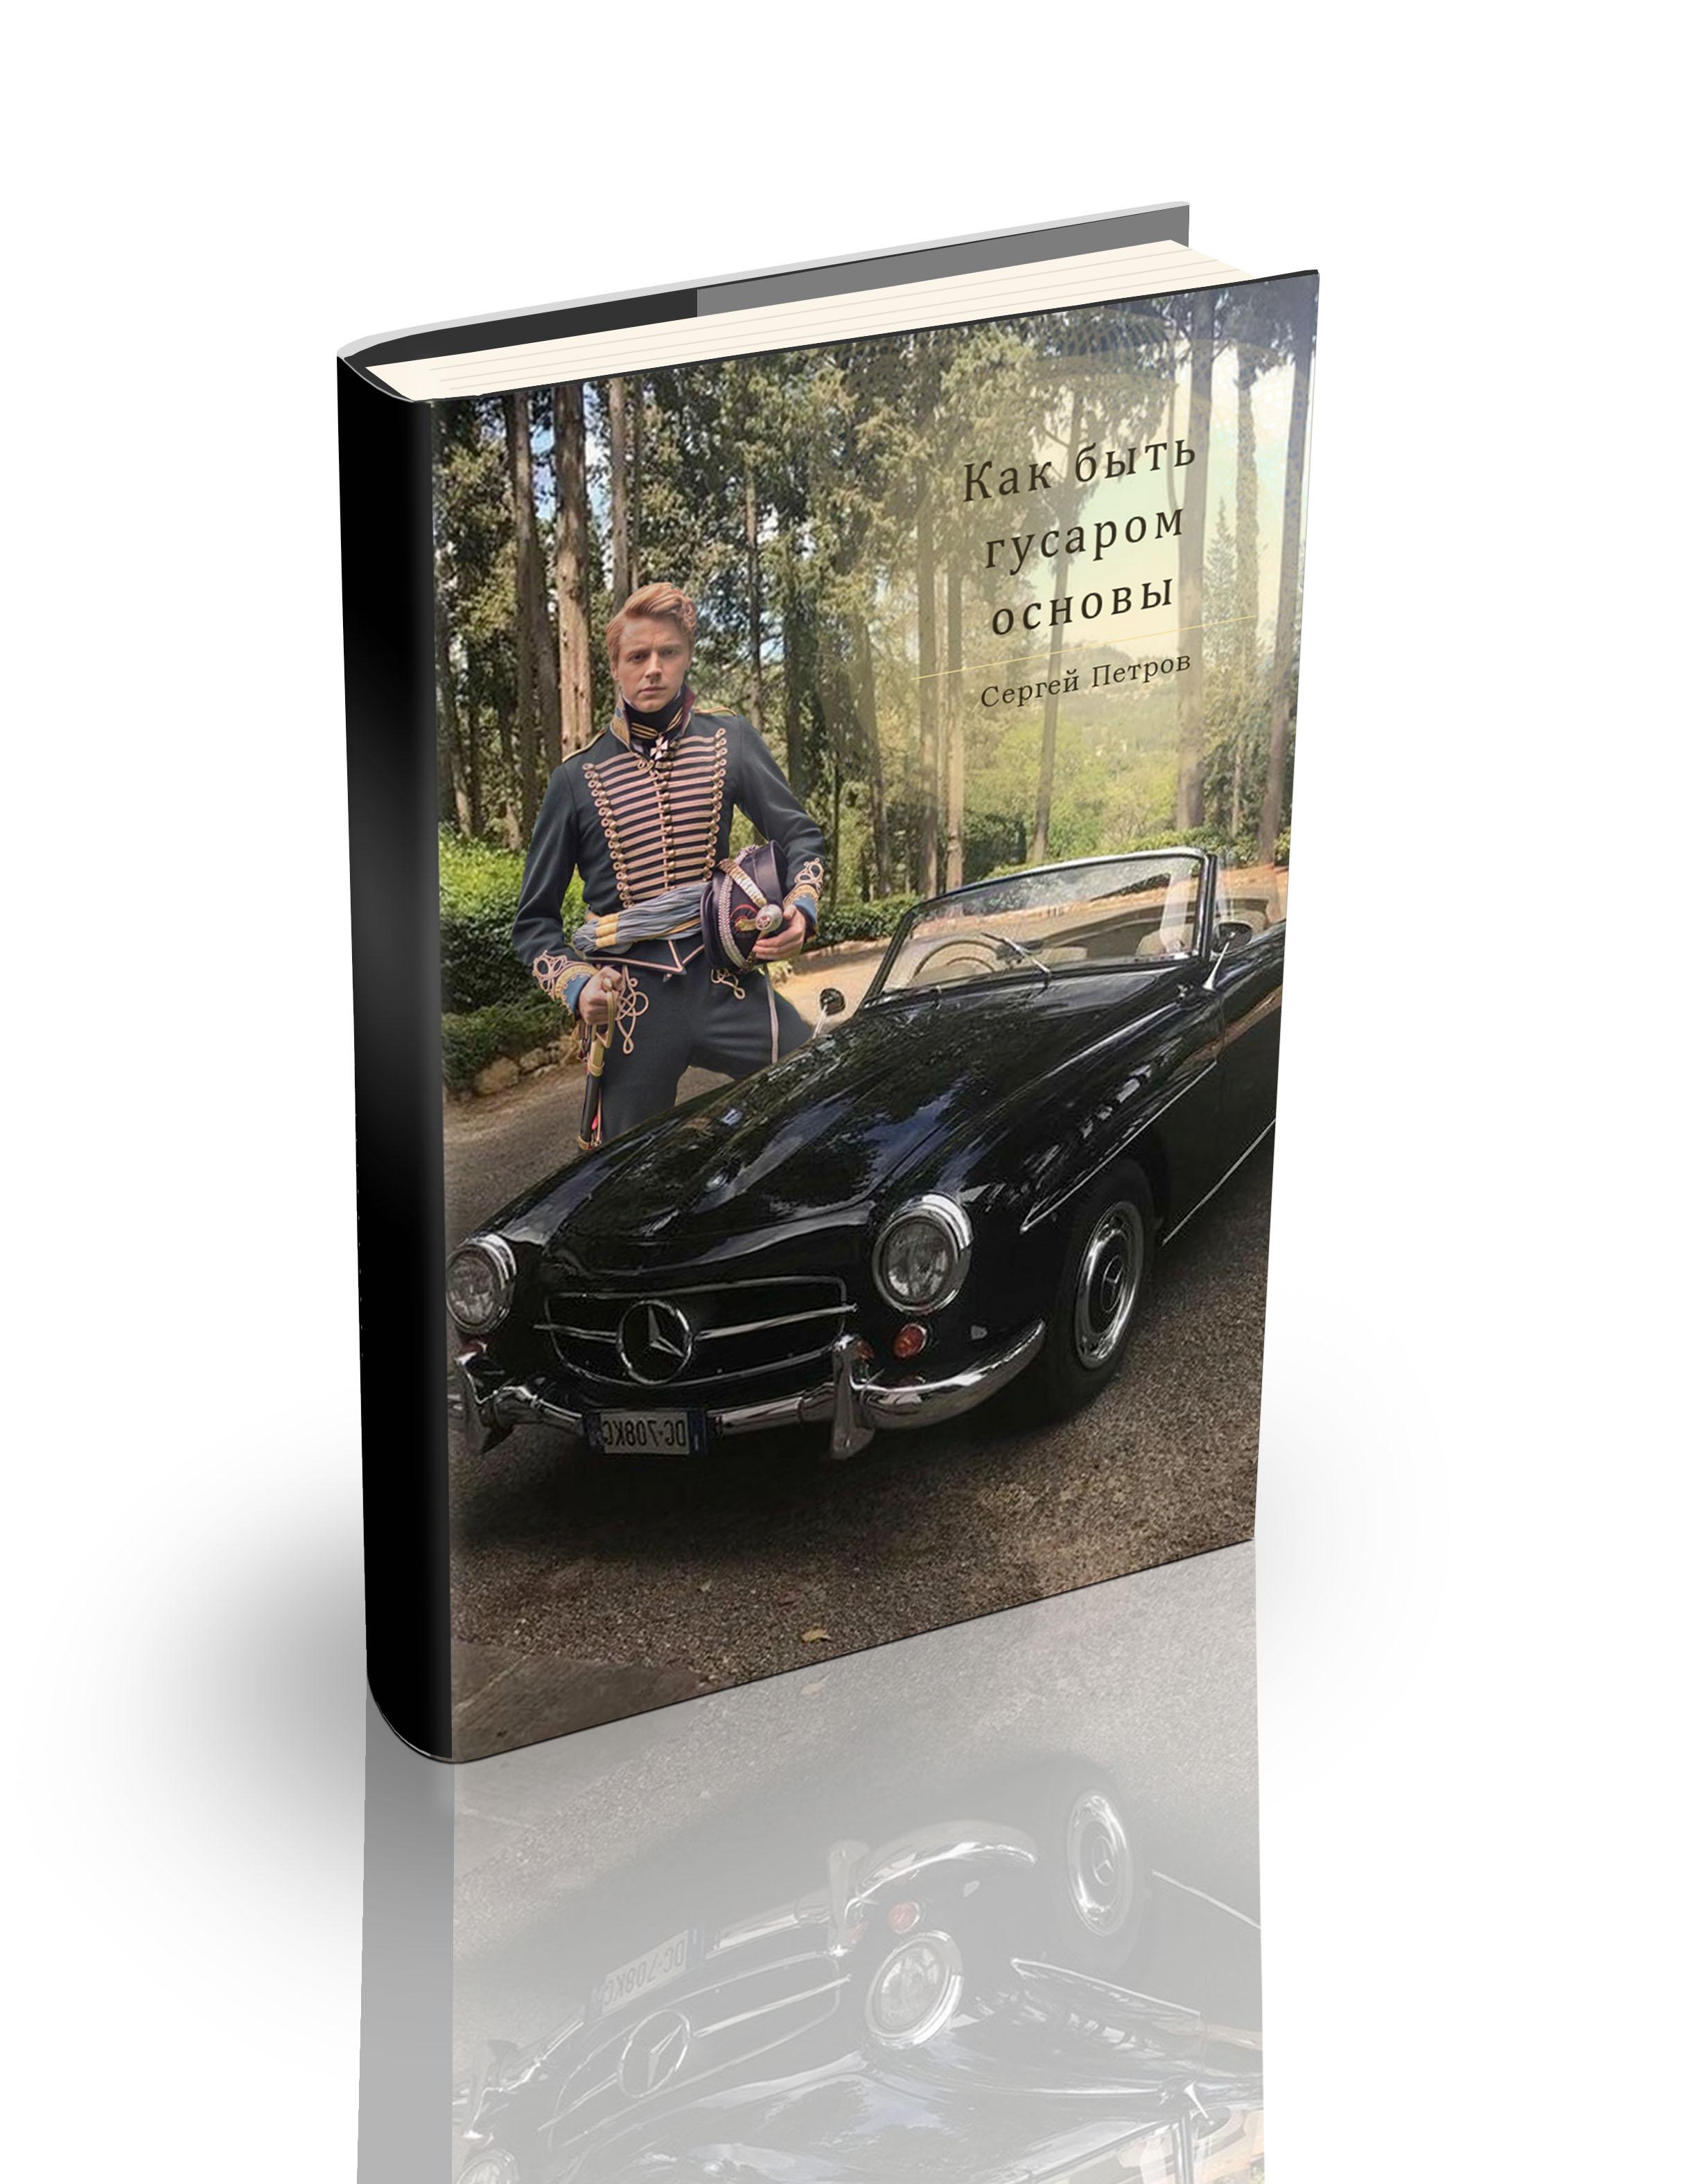 Обложка книги  фото f_6185fbec2256869b.jpg